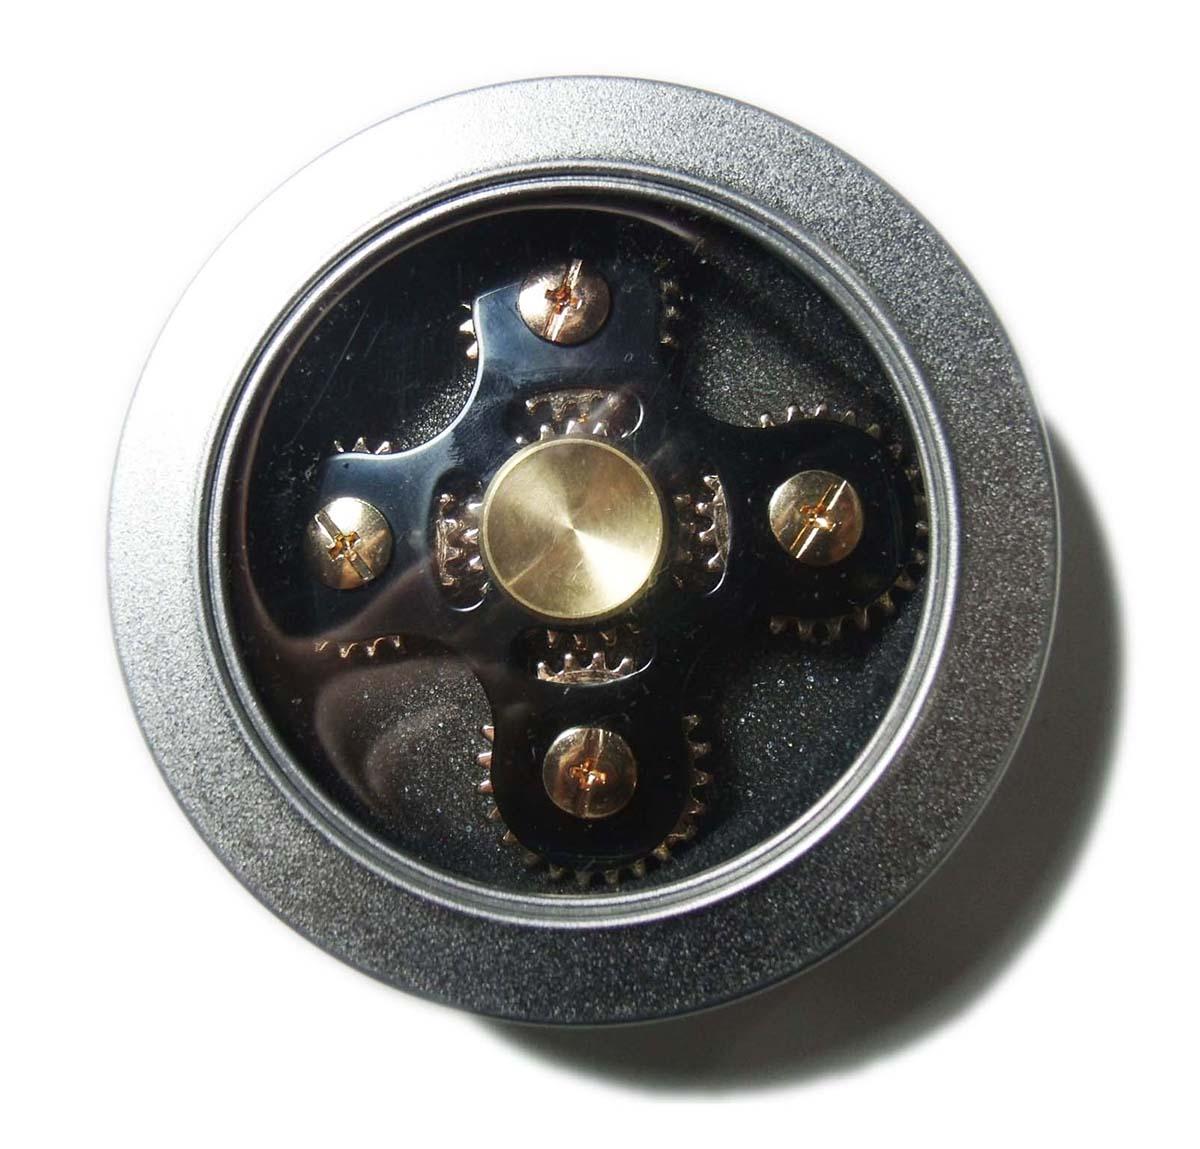 Hand Spinner Fidget De Metal Com Engrenagem Anti Estresse Mania Brinquedo  Preto